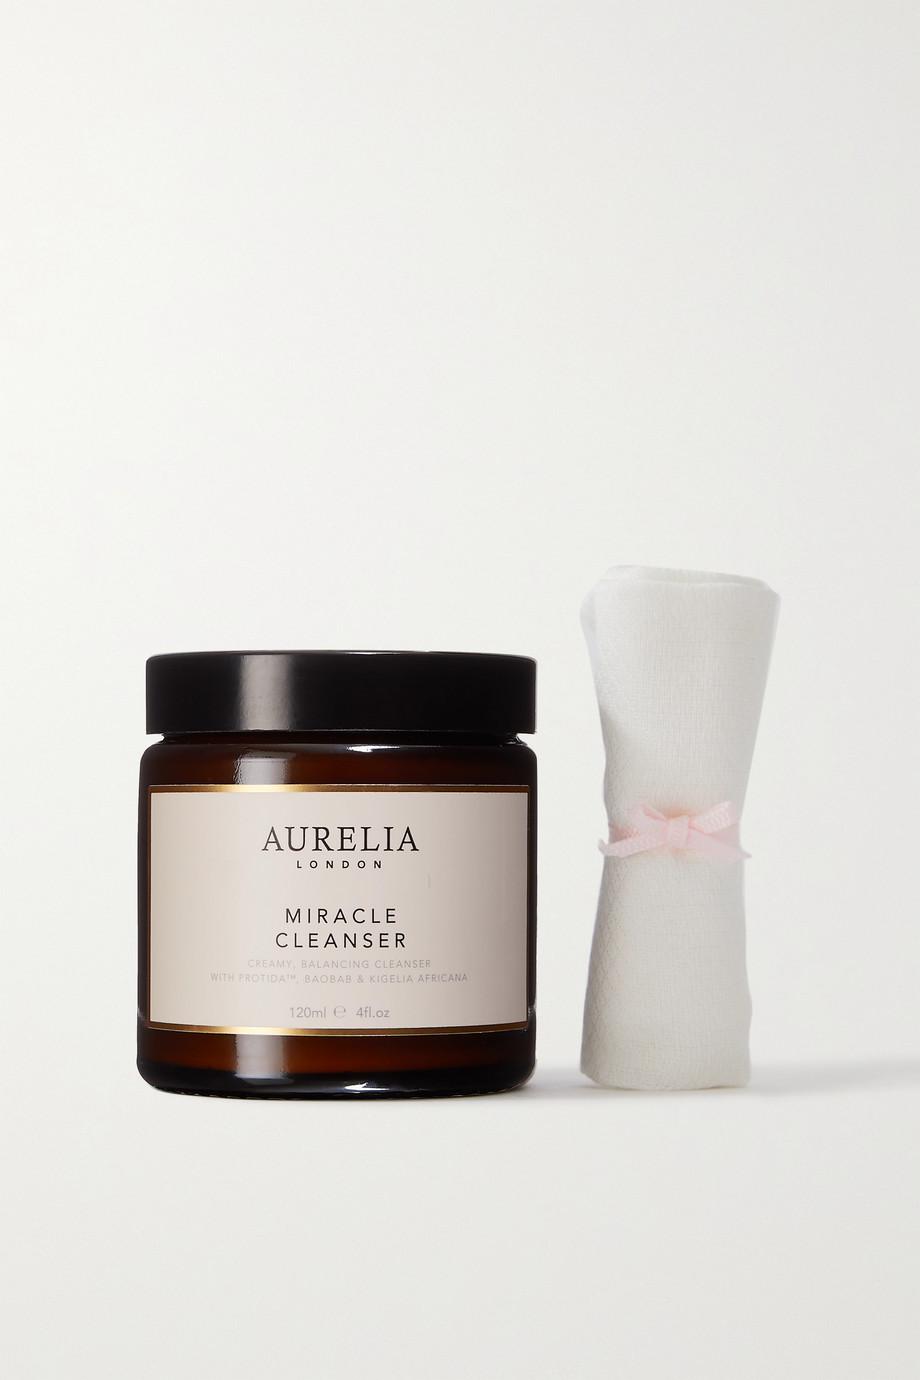 Aurelia Probiotic Skincare + NET SUSTAIN Miracle Cleanser, 120ml